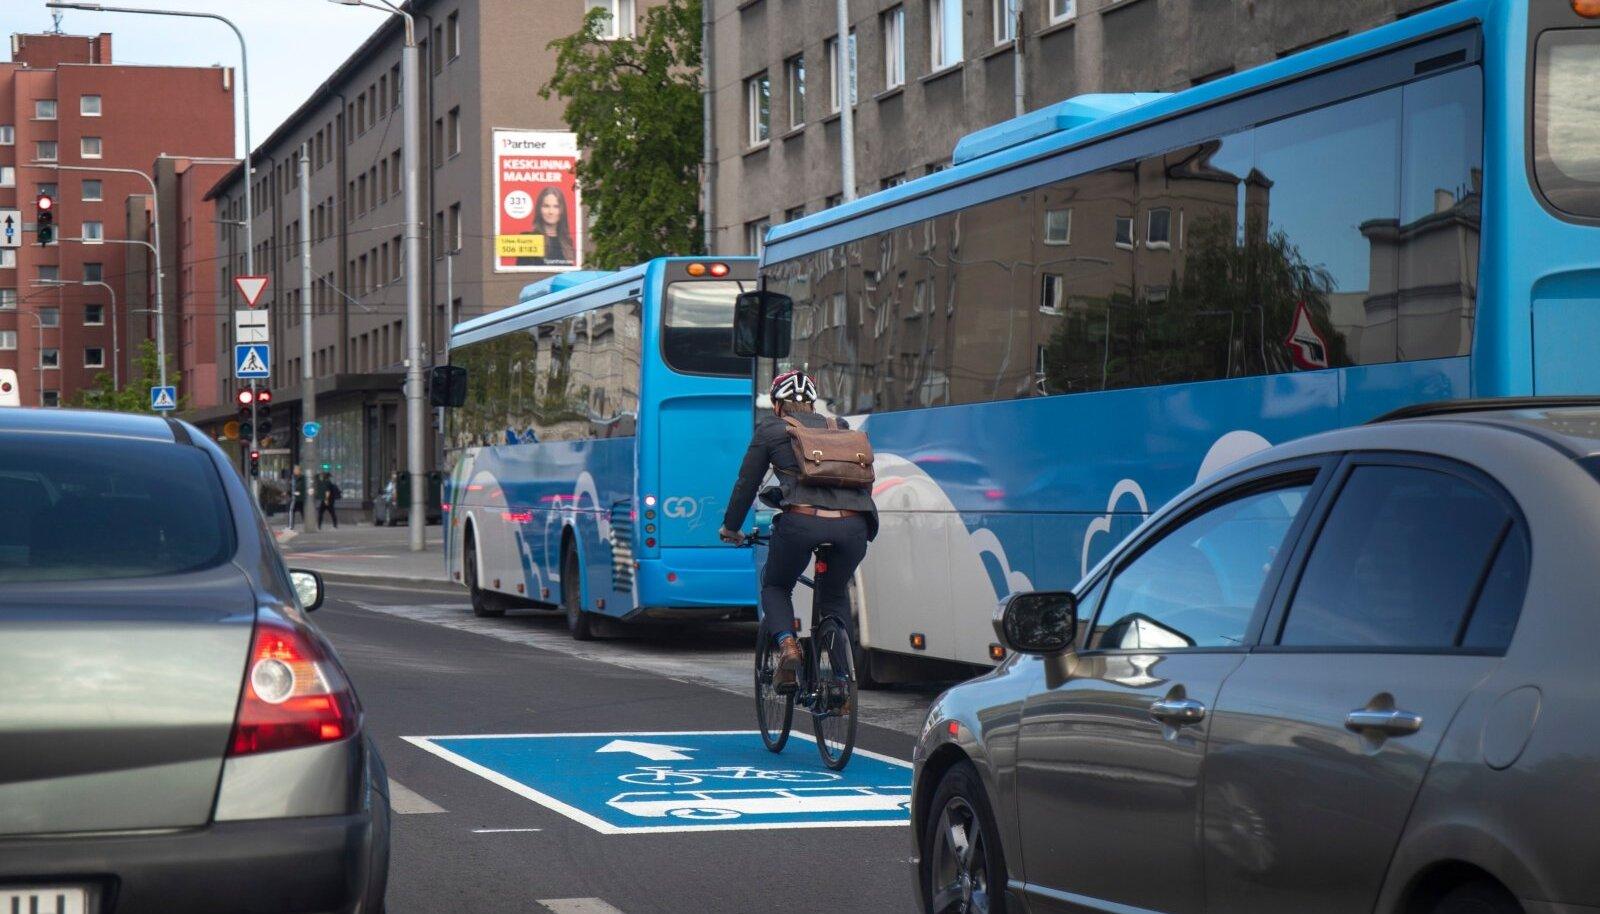 Kesklinna loodeti rattateid saada ka eelmisel aastal, kuid siis tegi linn hoopis kõige kehvema sammu - suunas jalgratturid sõitma bussiradadele.